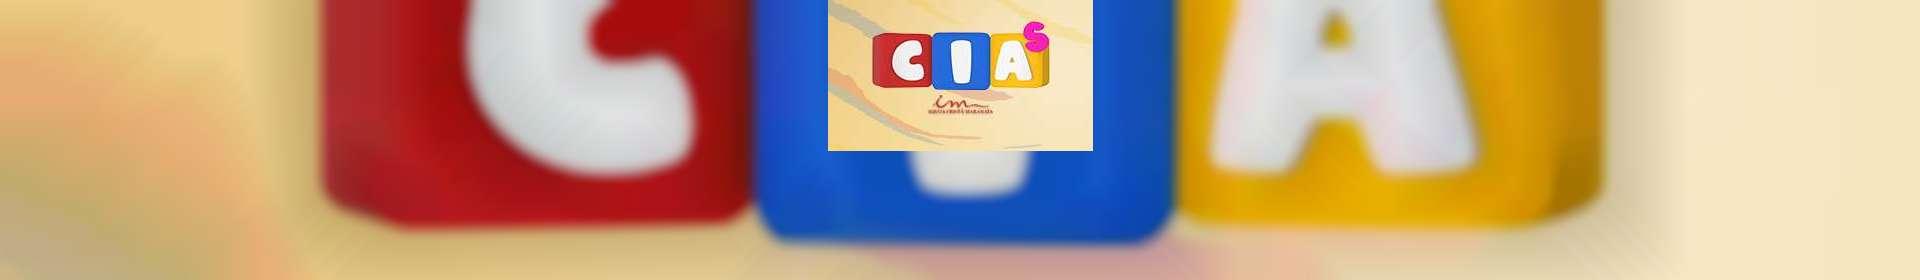 Aula de CIAS: classe de 3 a 7 anos - 04 de junho de 2020